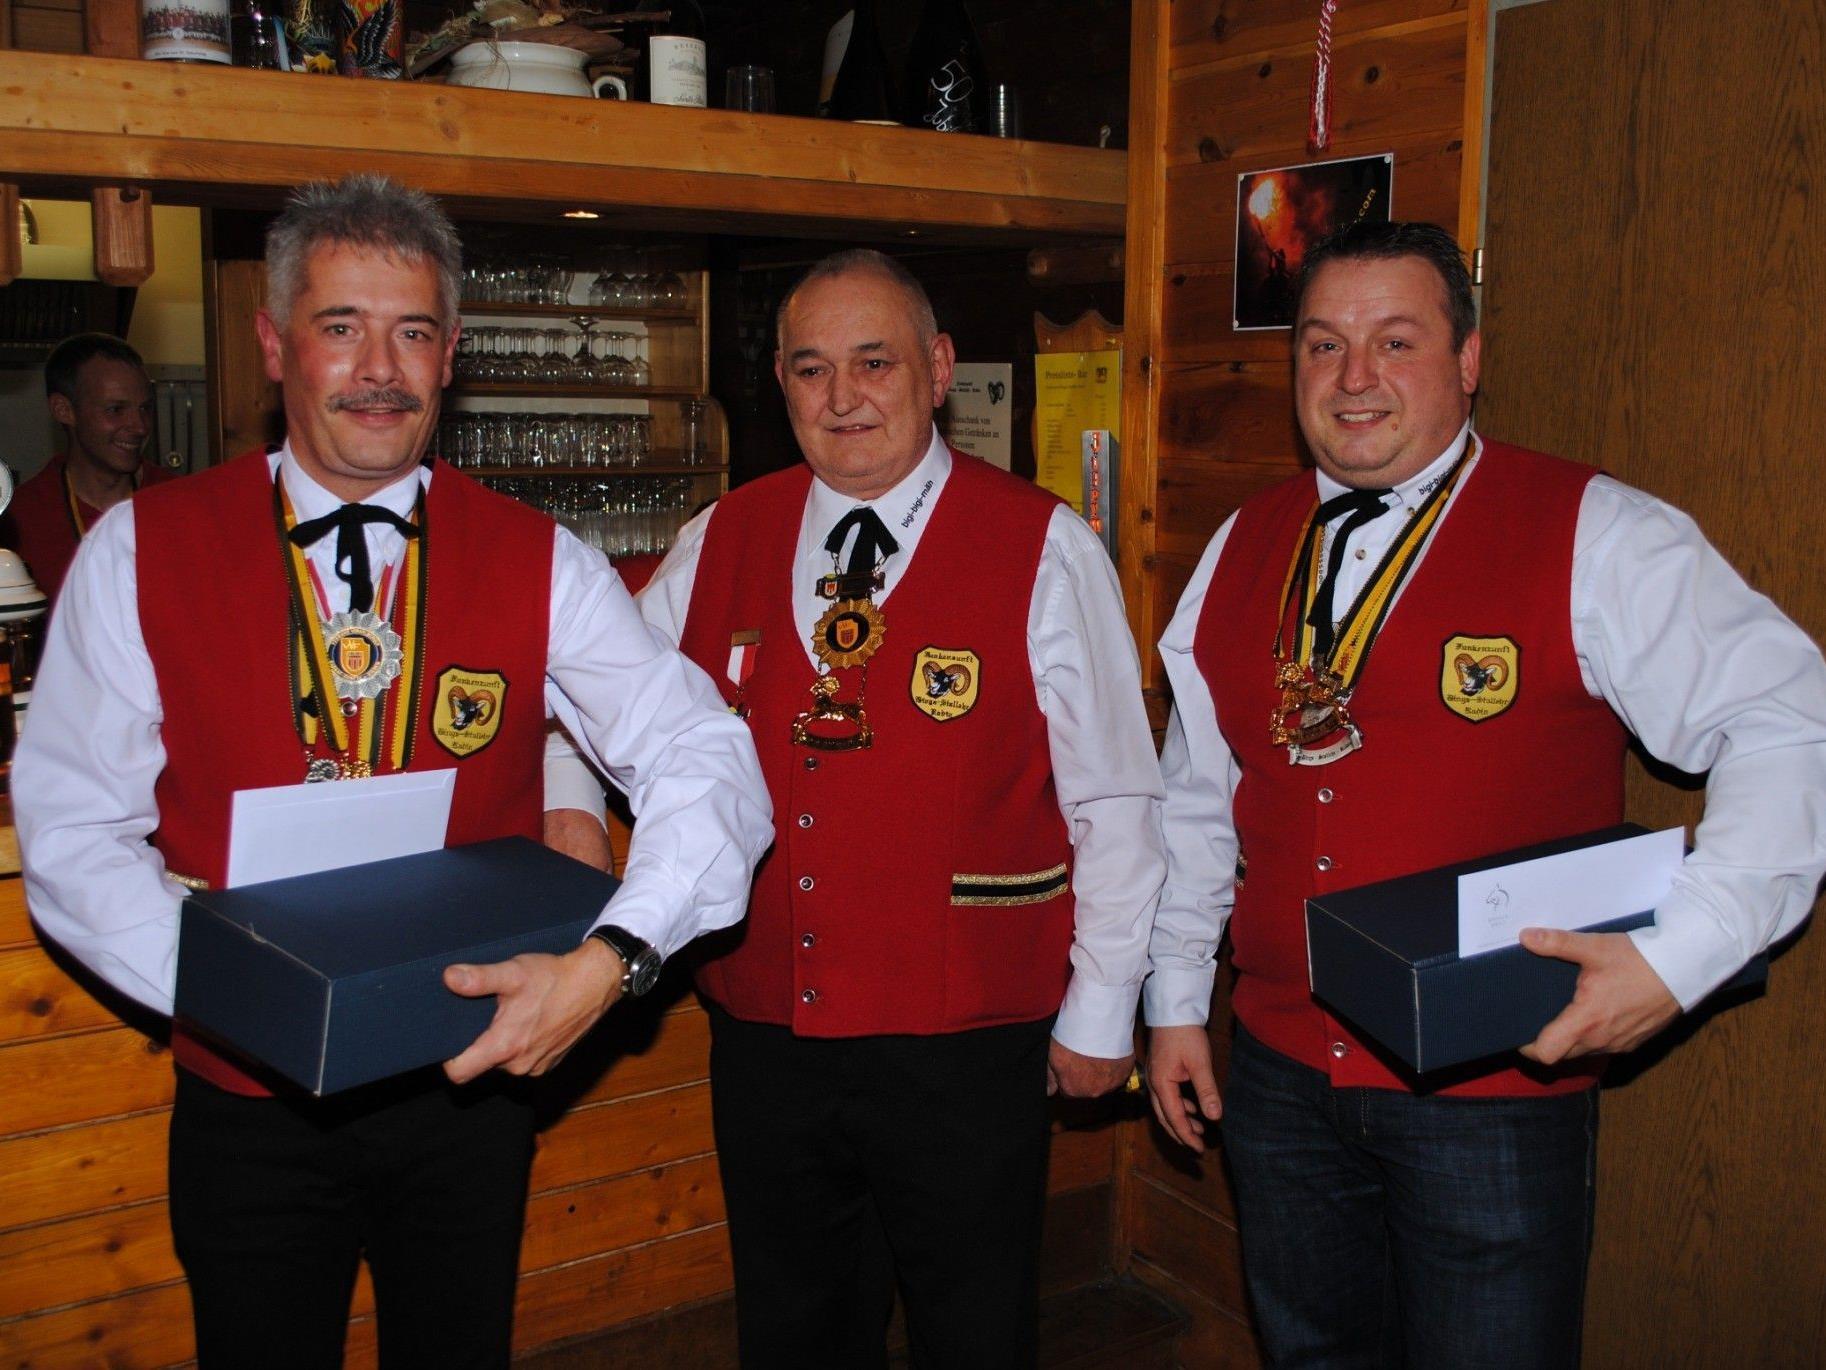 Johannes Fritz (li.) und Andreas Hatz (re.) erhielten aus den Händen von EM Hugo Küng den Goldenen Schafbock